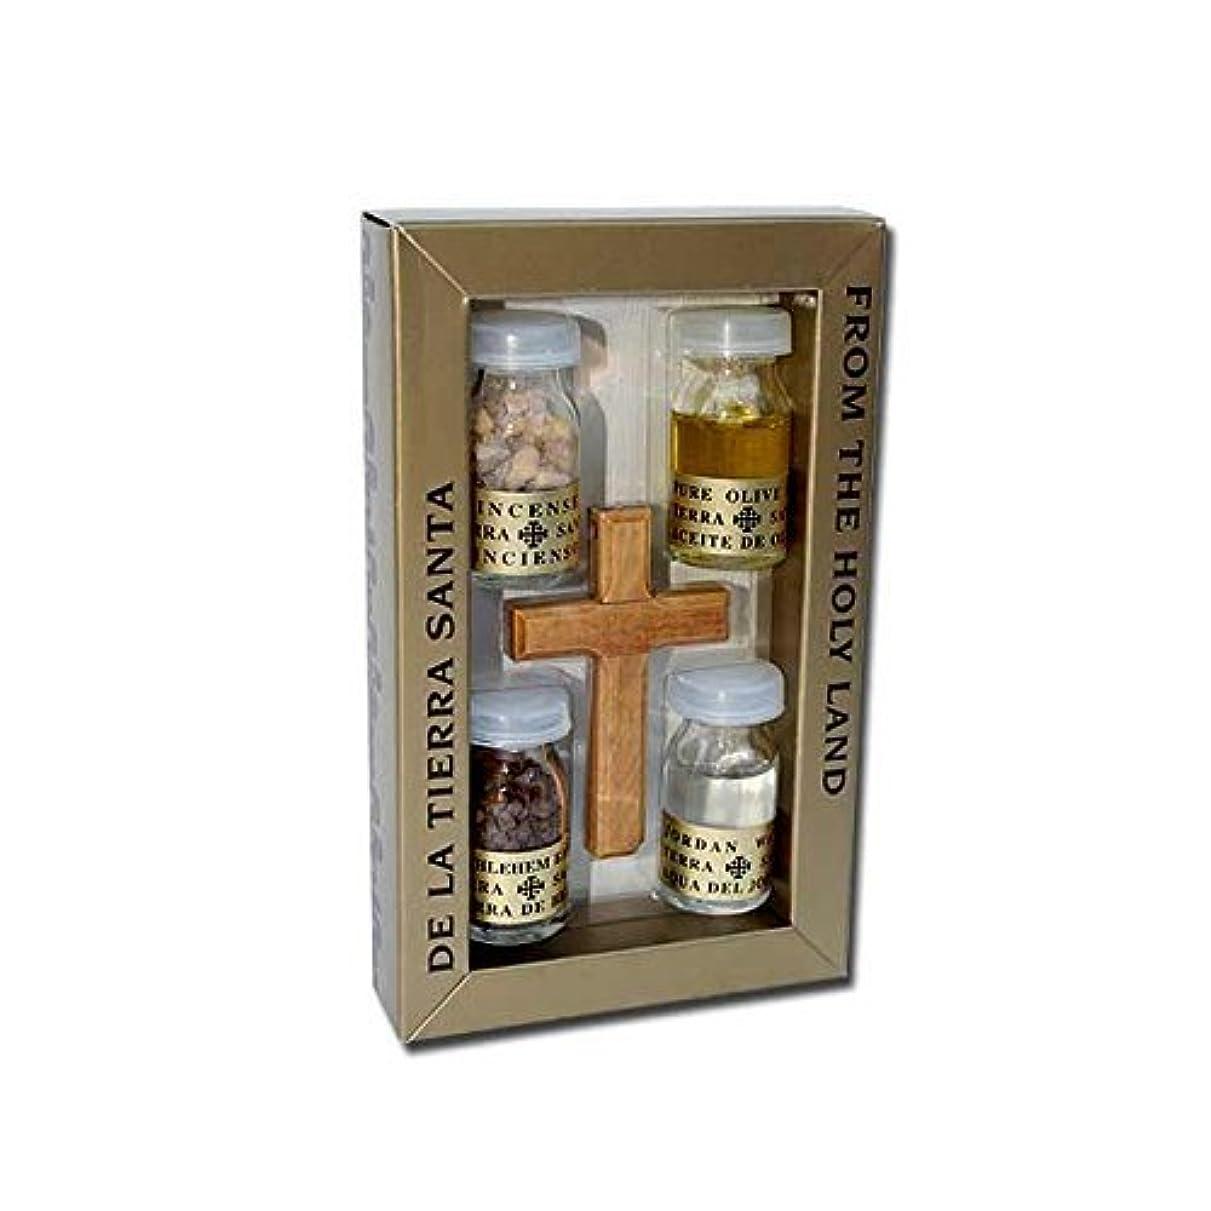 インストラクター車両起きるオリーブウッドクロスセットwith 4 Bottles – オイル、水、Incense & Earth – Prayerカードby HolyRoses